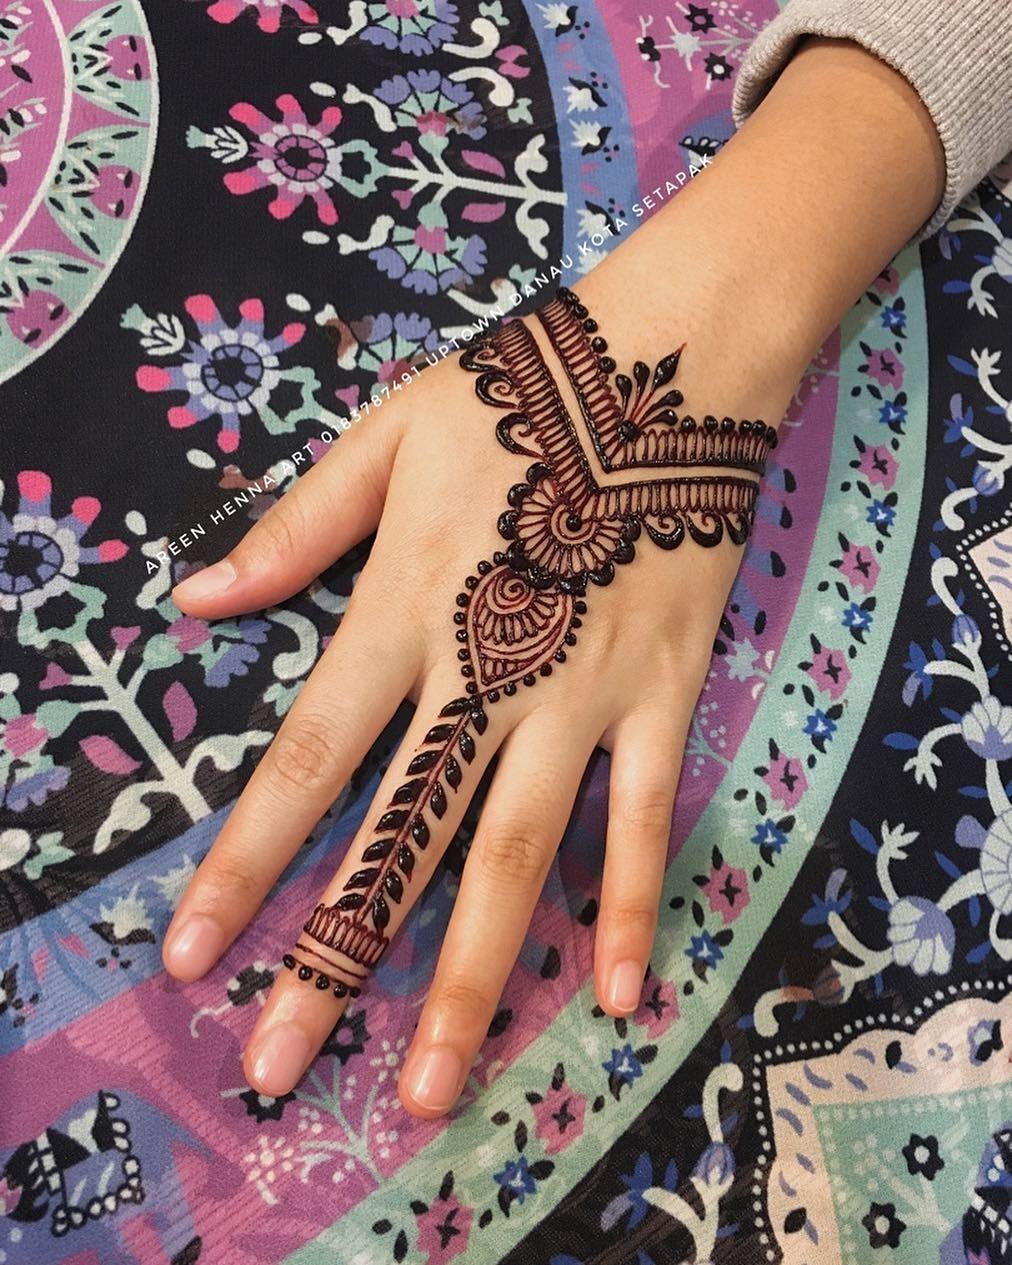 Untuk Sebarang Pertanyaan Atau Tempahan Henna Wedding Sila